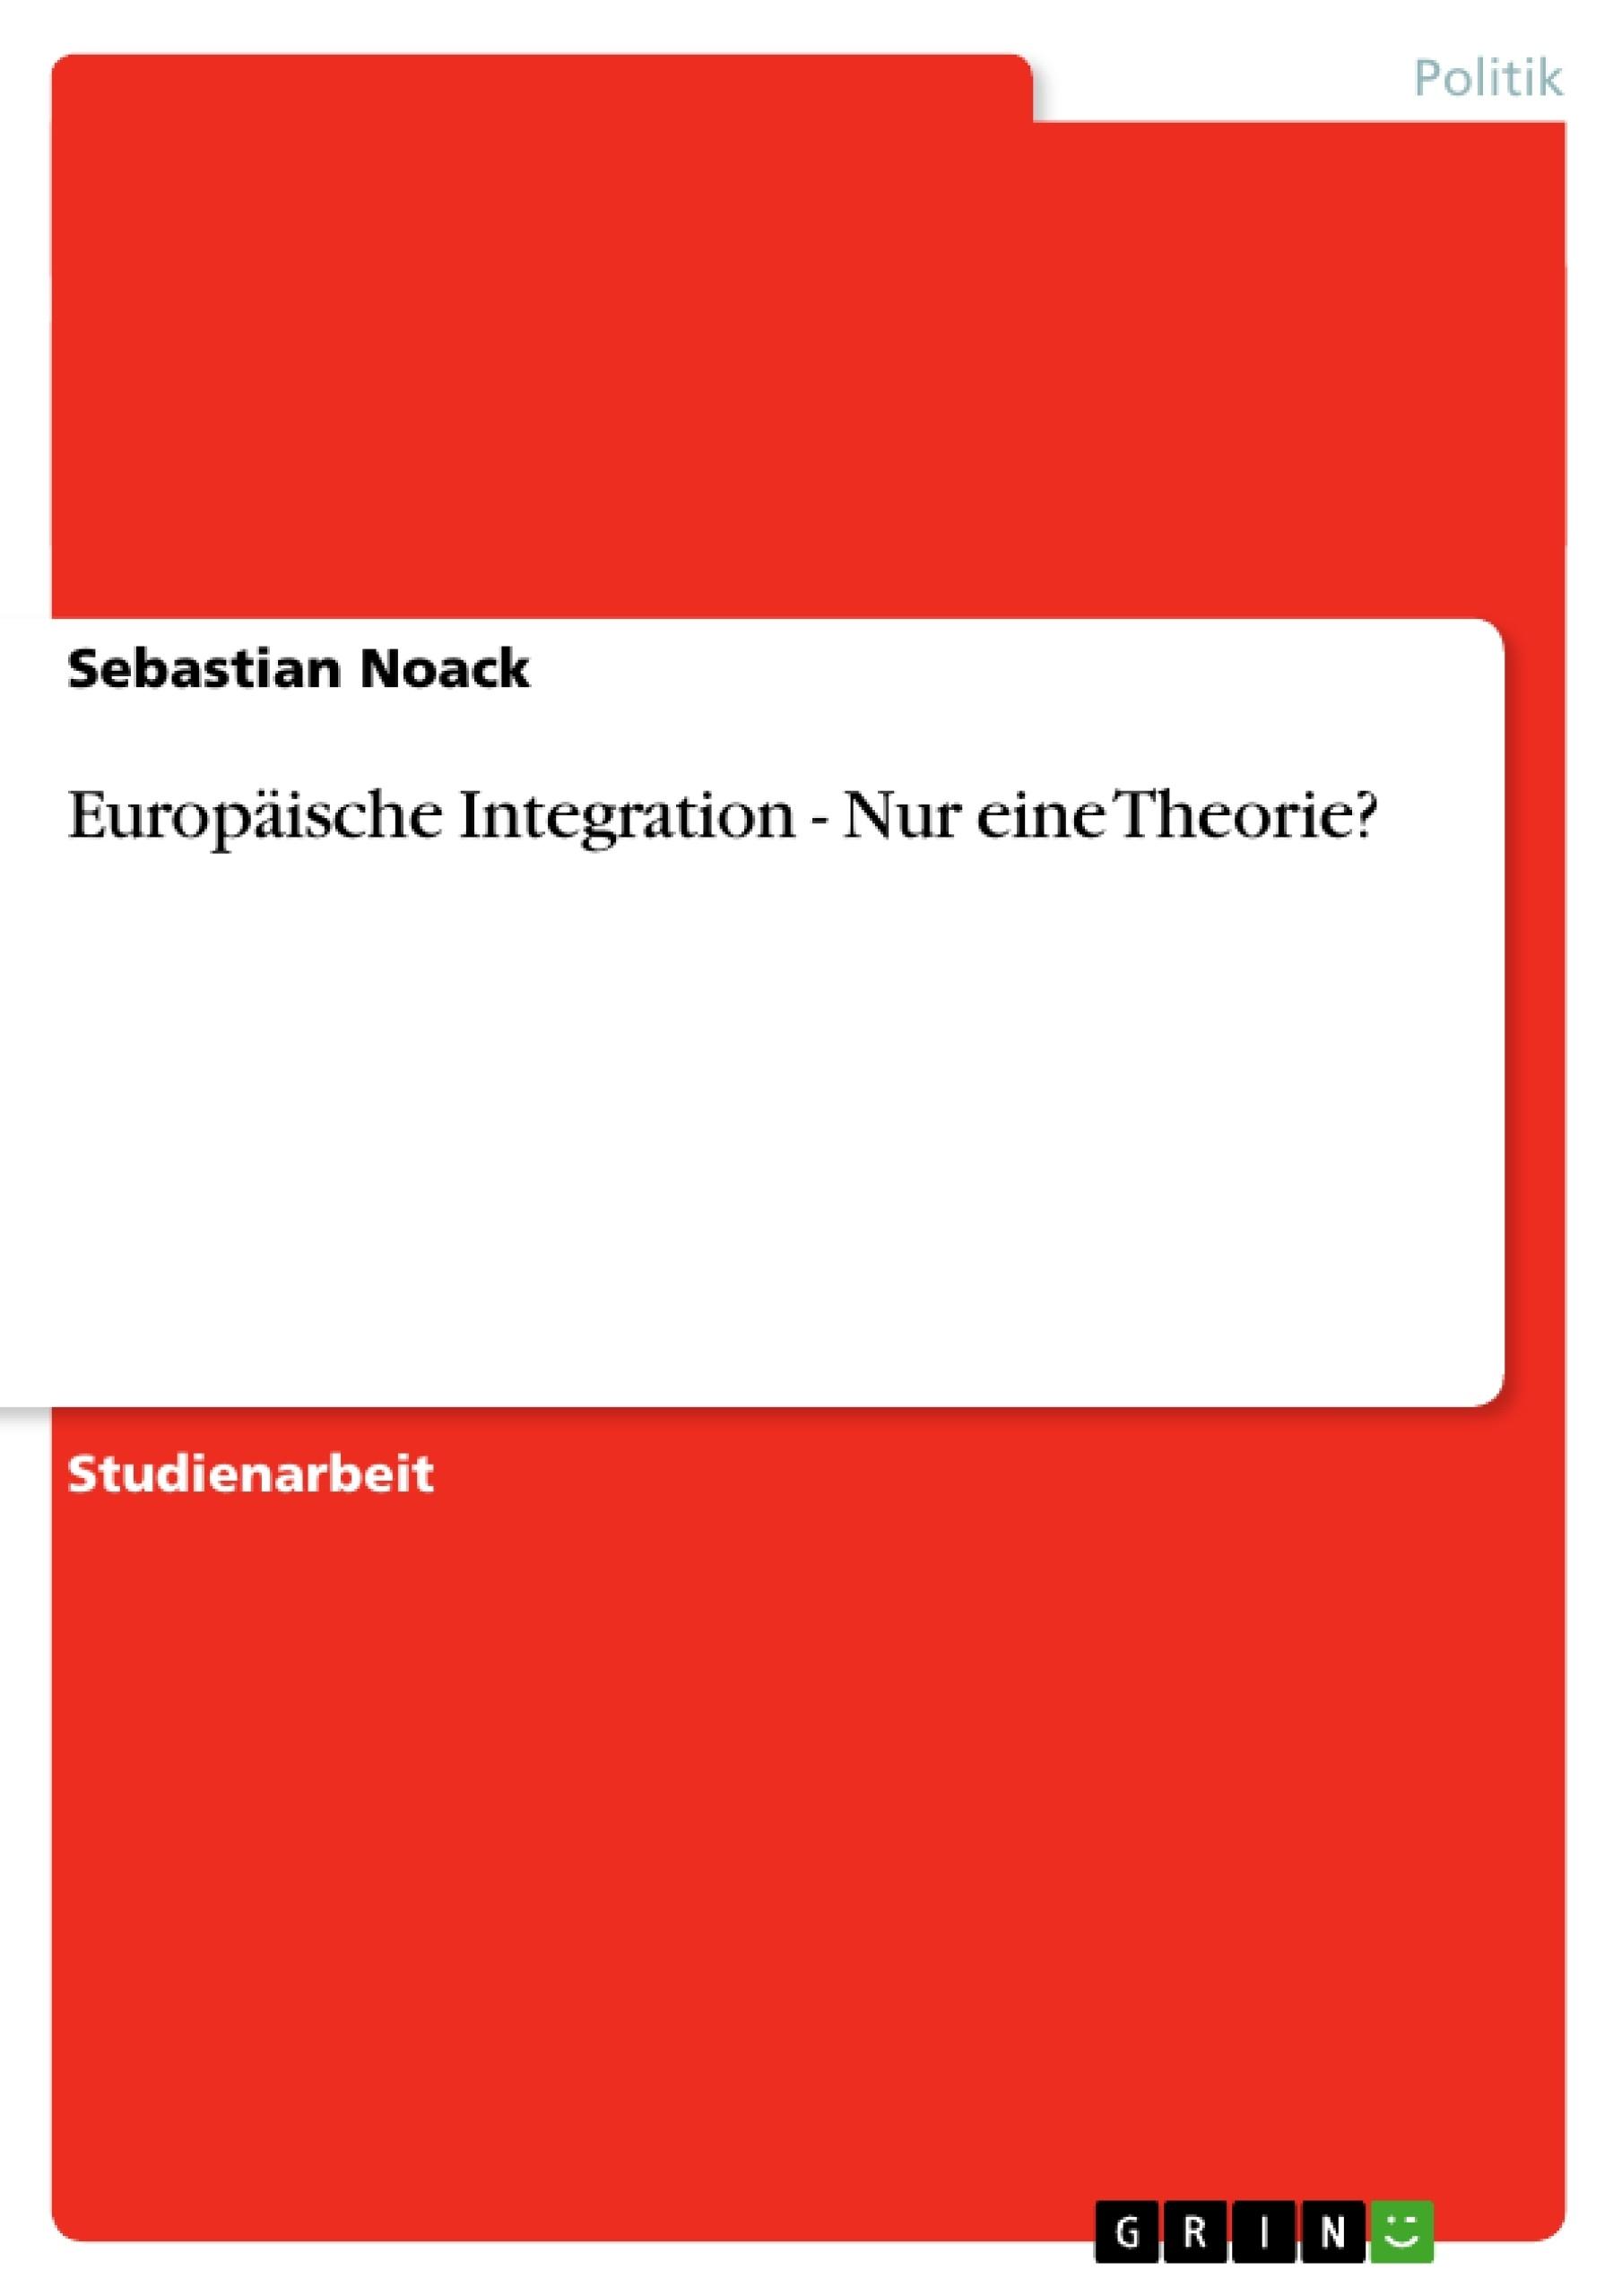 Titel: Europäische Integration - Nur eine Theorie?